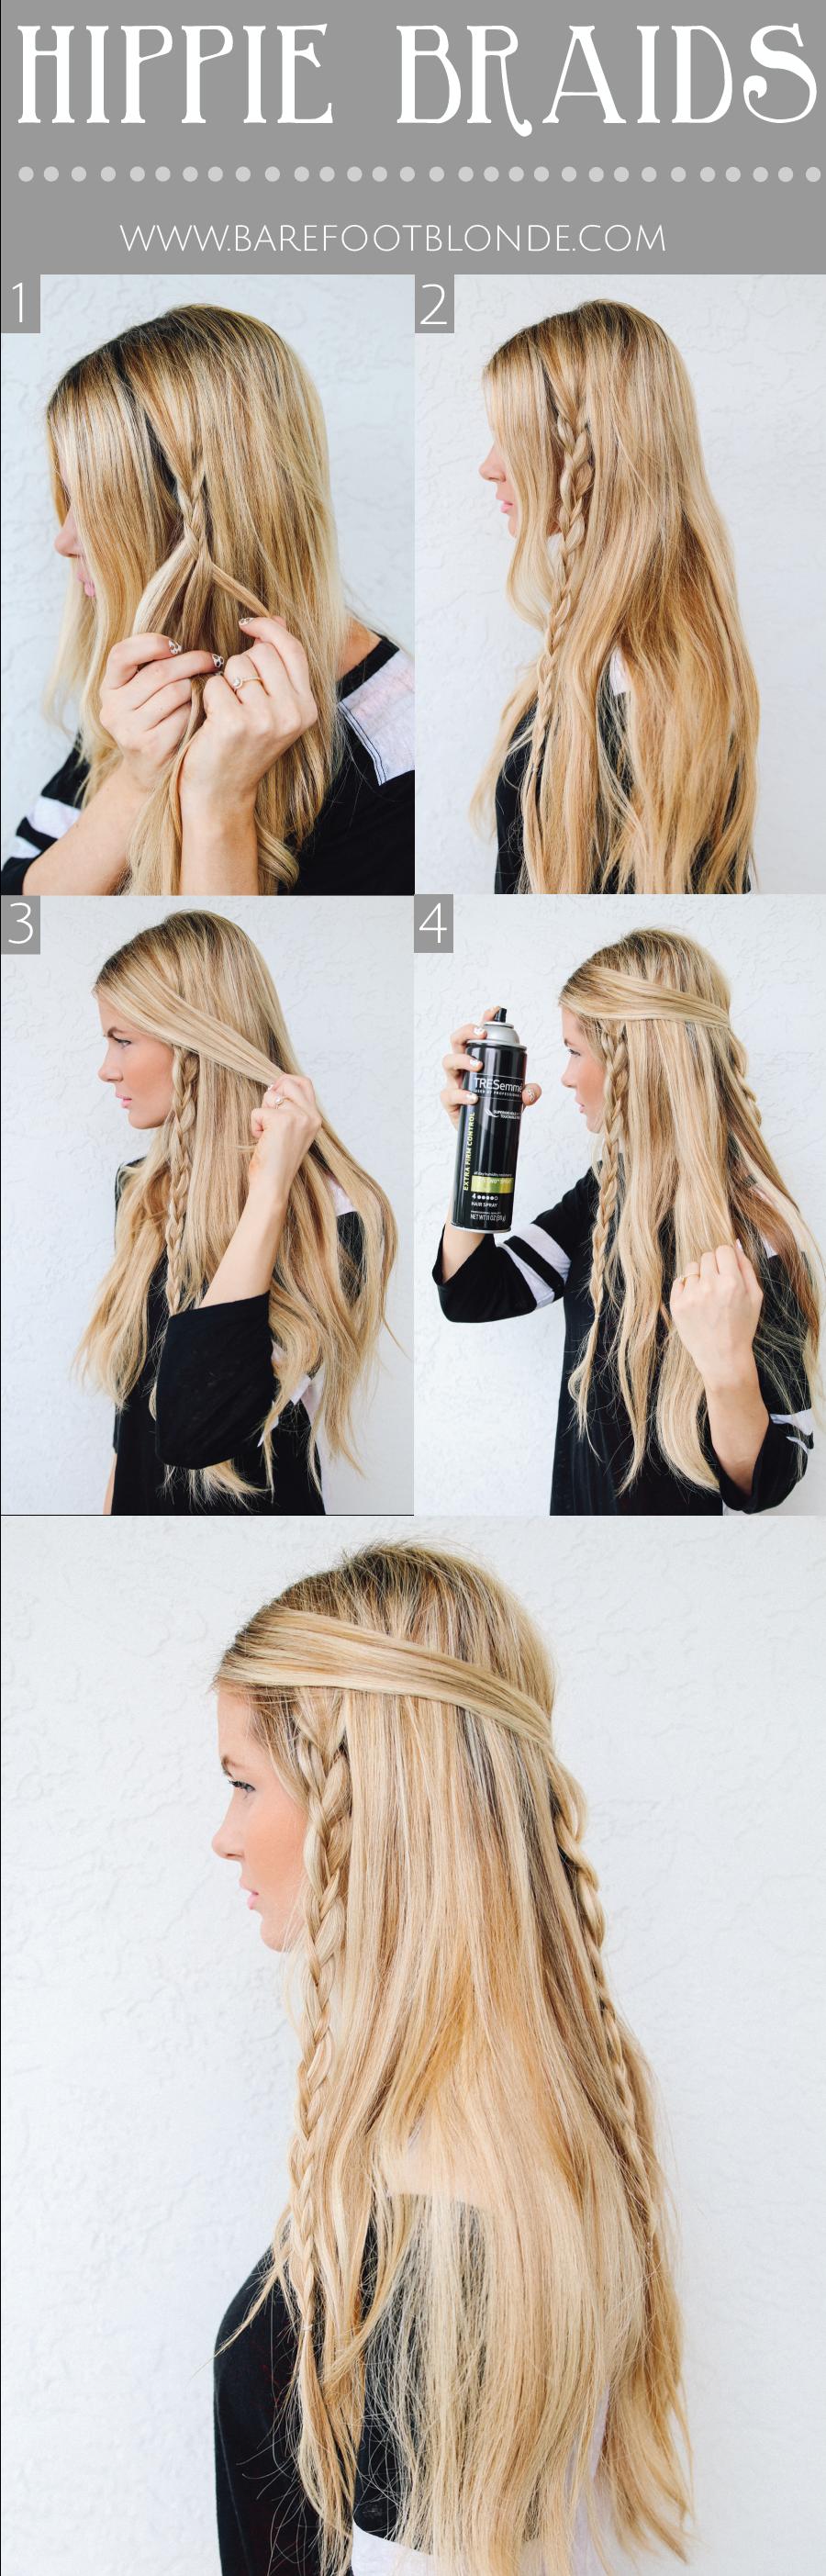 Hippy braid tutorial